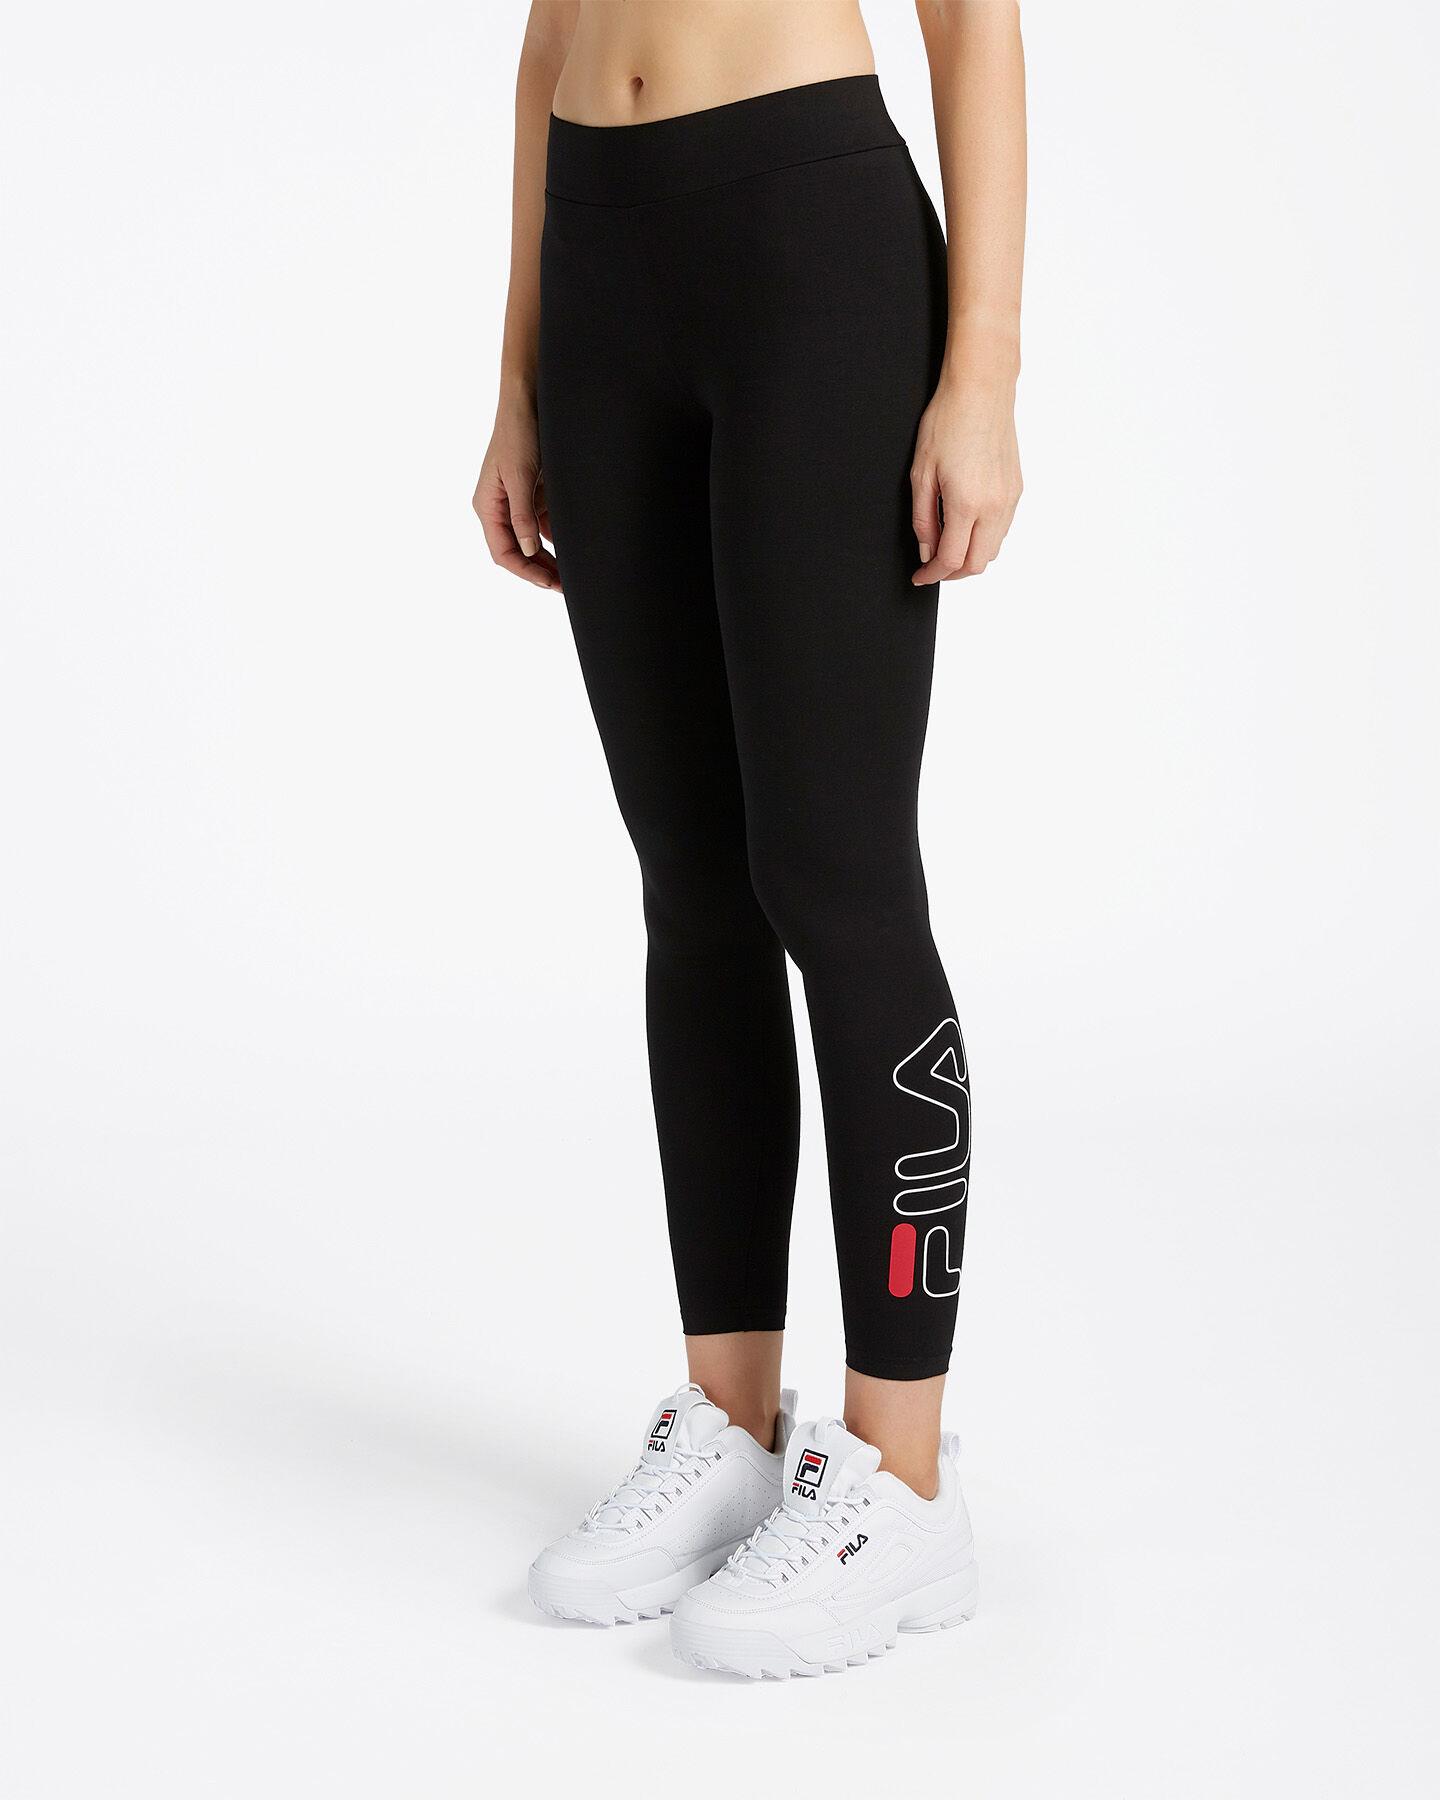 Jeans FILA BASIC W S4067238 scatto 2